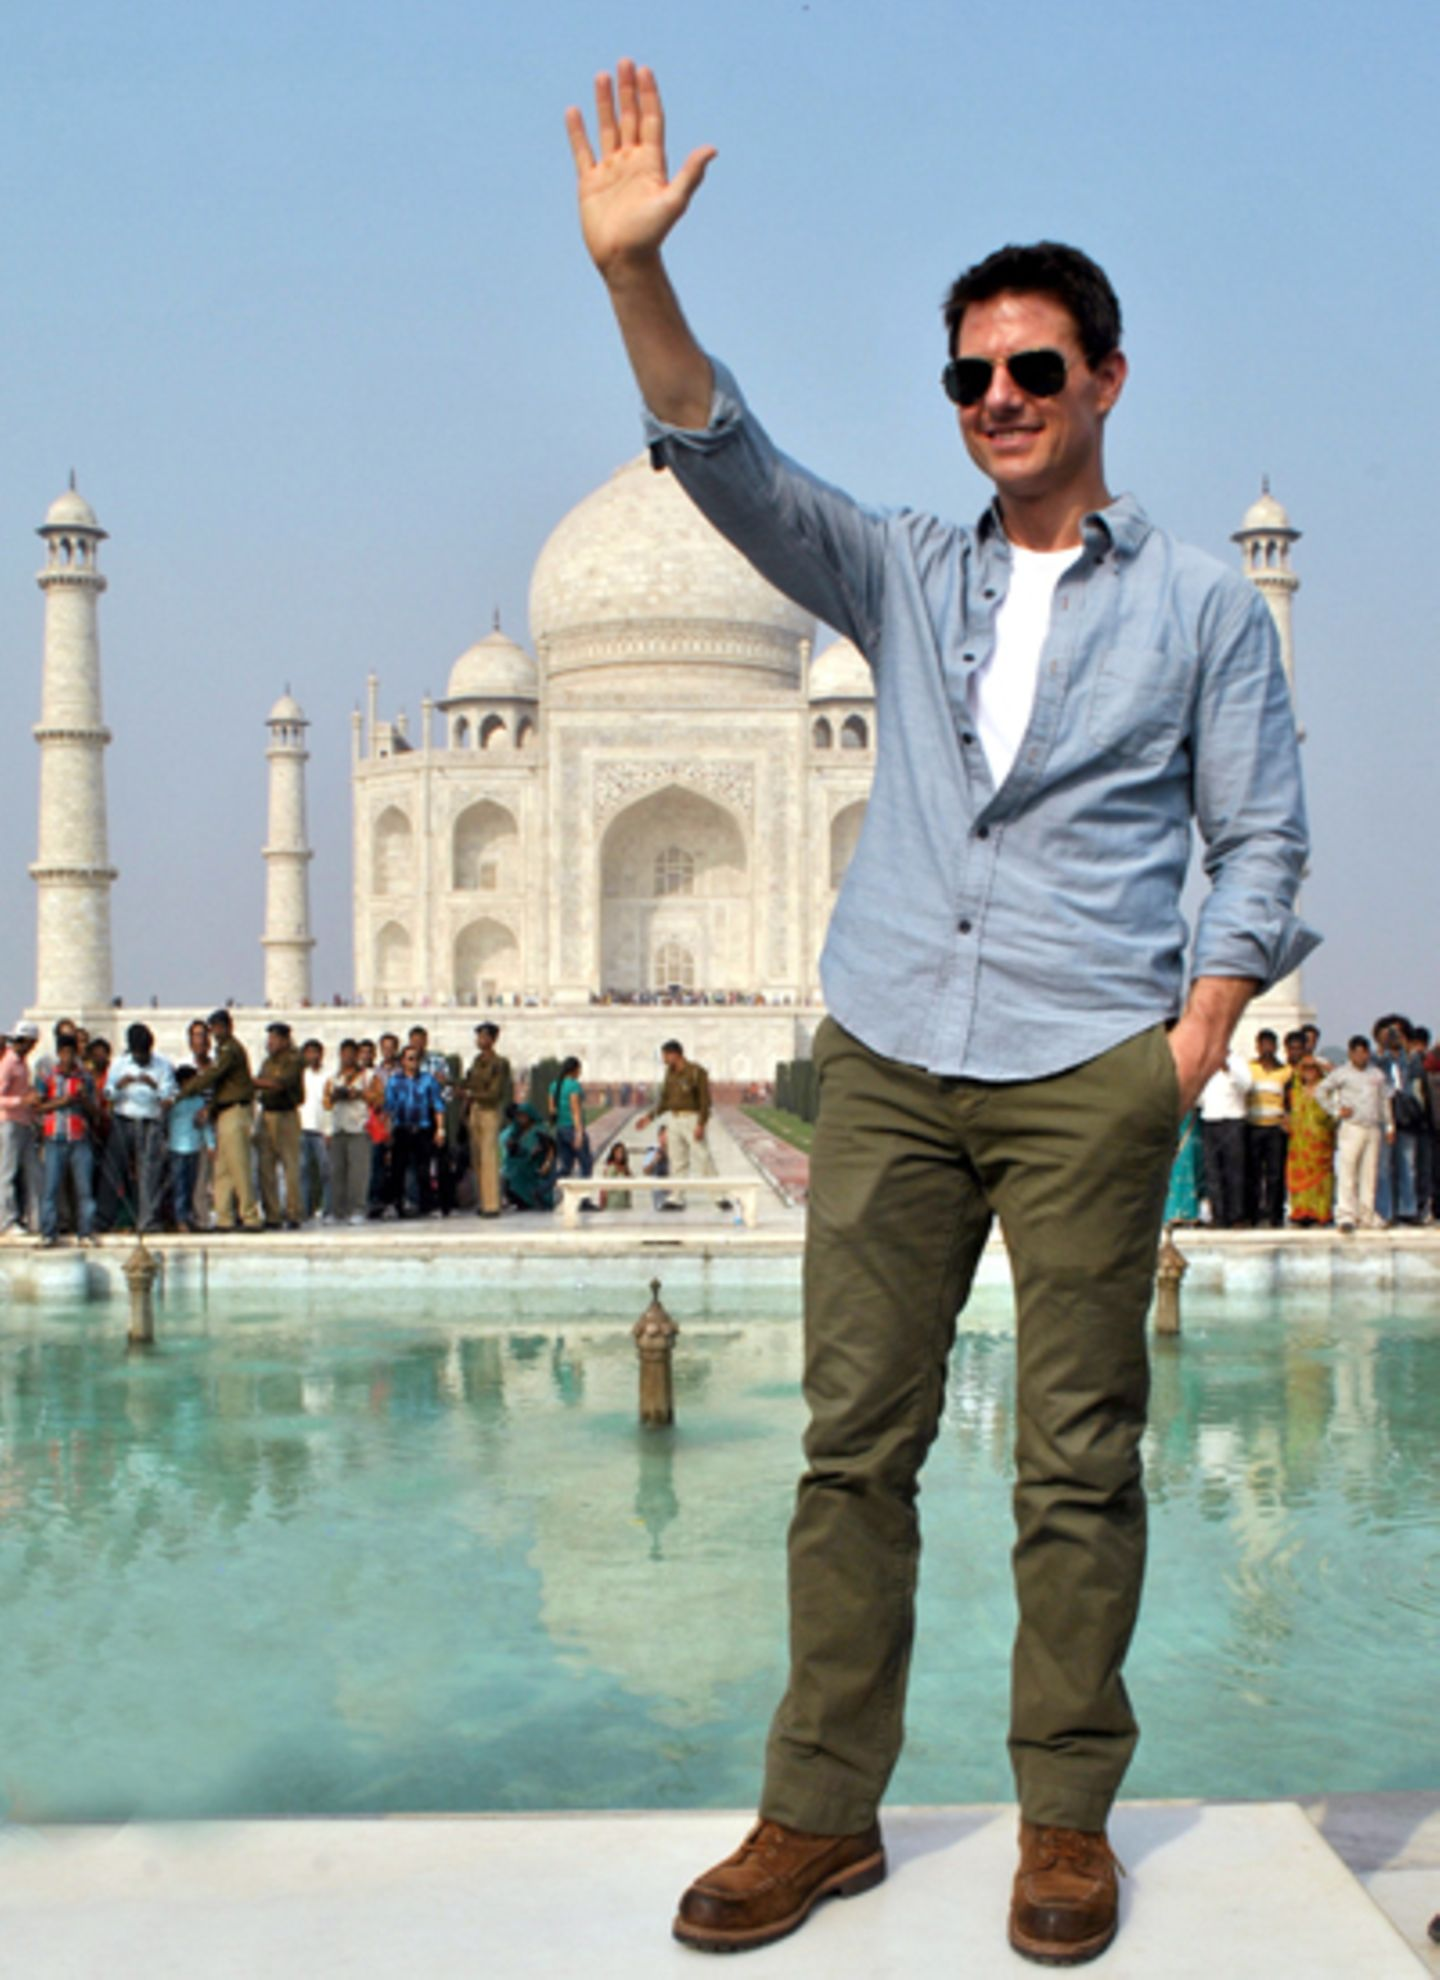 3. Dezember 2011: Winke, winke! Vor dem indischen Wahrzeichen Nummer eins, dem Taj Mahal, jubelte Tom Cruise seinen Fans zu. Das